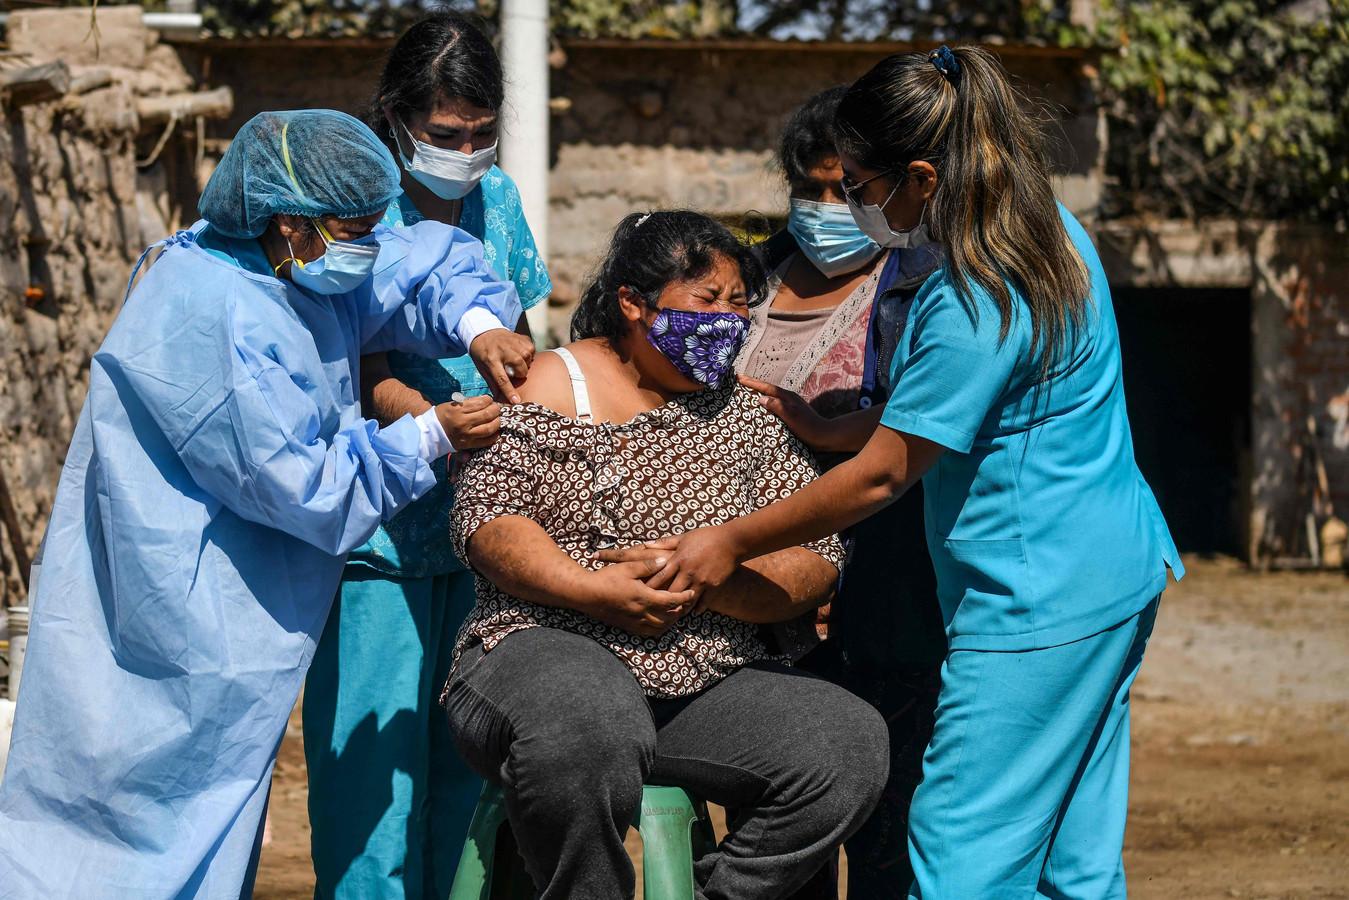 De lambdavariant dook voor het eerst op in Peru. Inmiddels is de variant waargenomen in 32 landen wereldwijd.